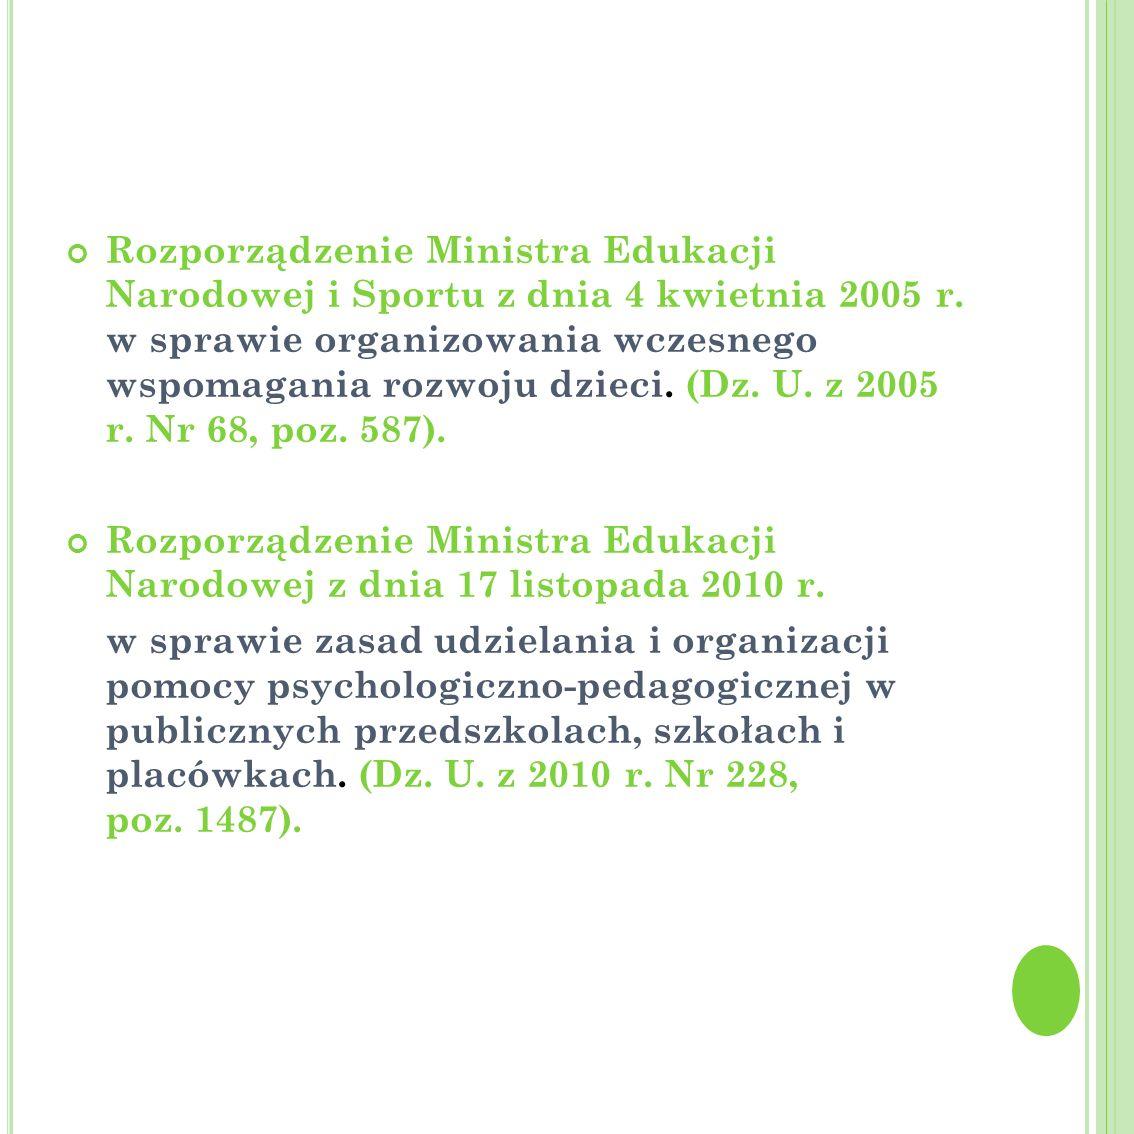 Rozporządzenie Ministra Edukacji Narodowej i Sportu z dnia 4 kwietnia 2005 r. w sprawie organizowania wczesnego wspomagania rozwoju dzieci. (Dz. U. z 2005 r. Nr 68, poz. 587).